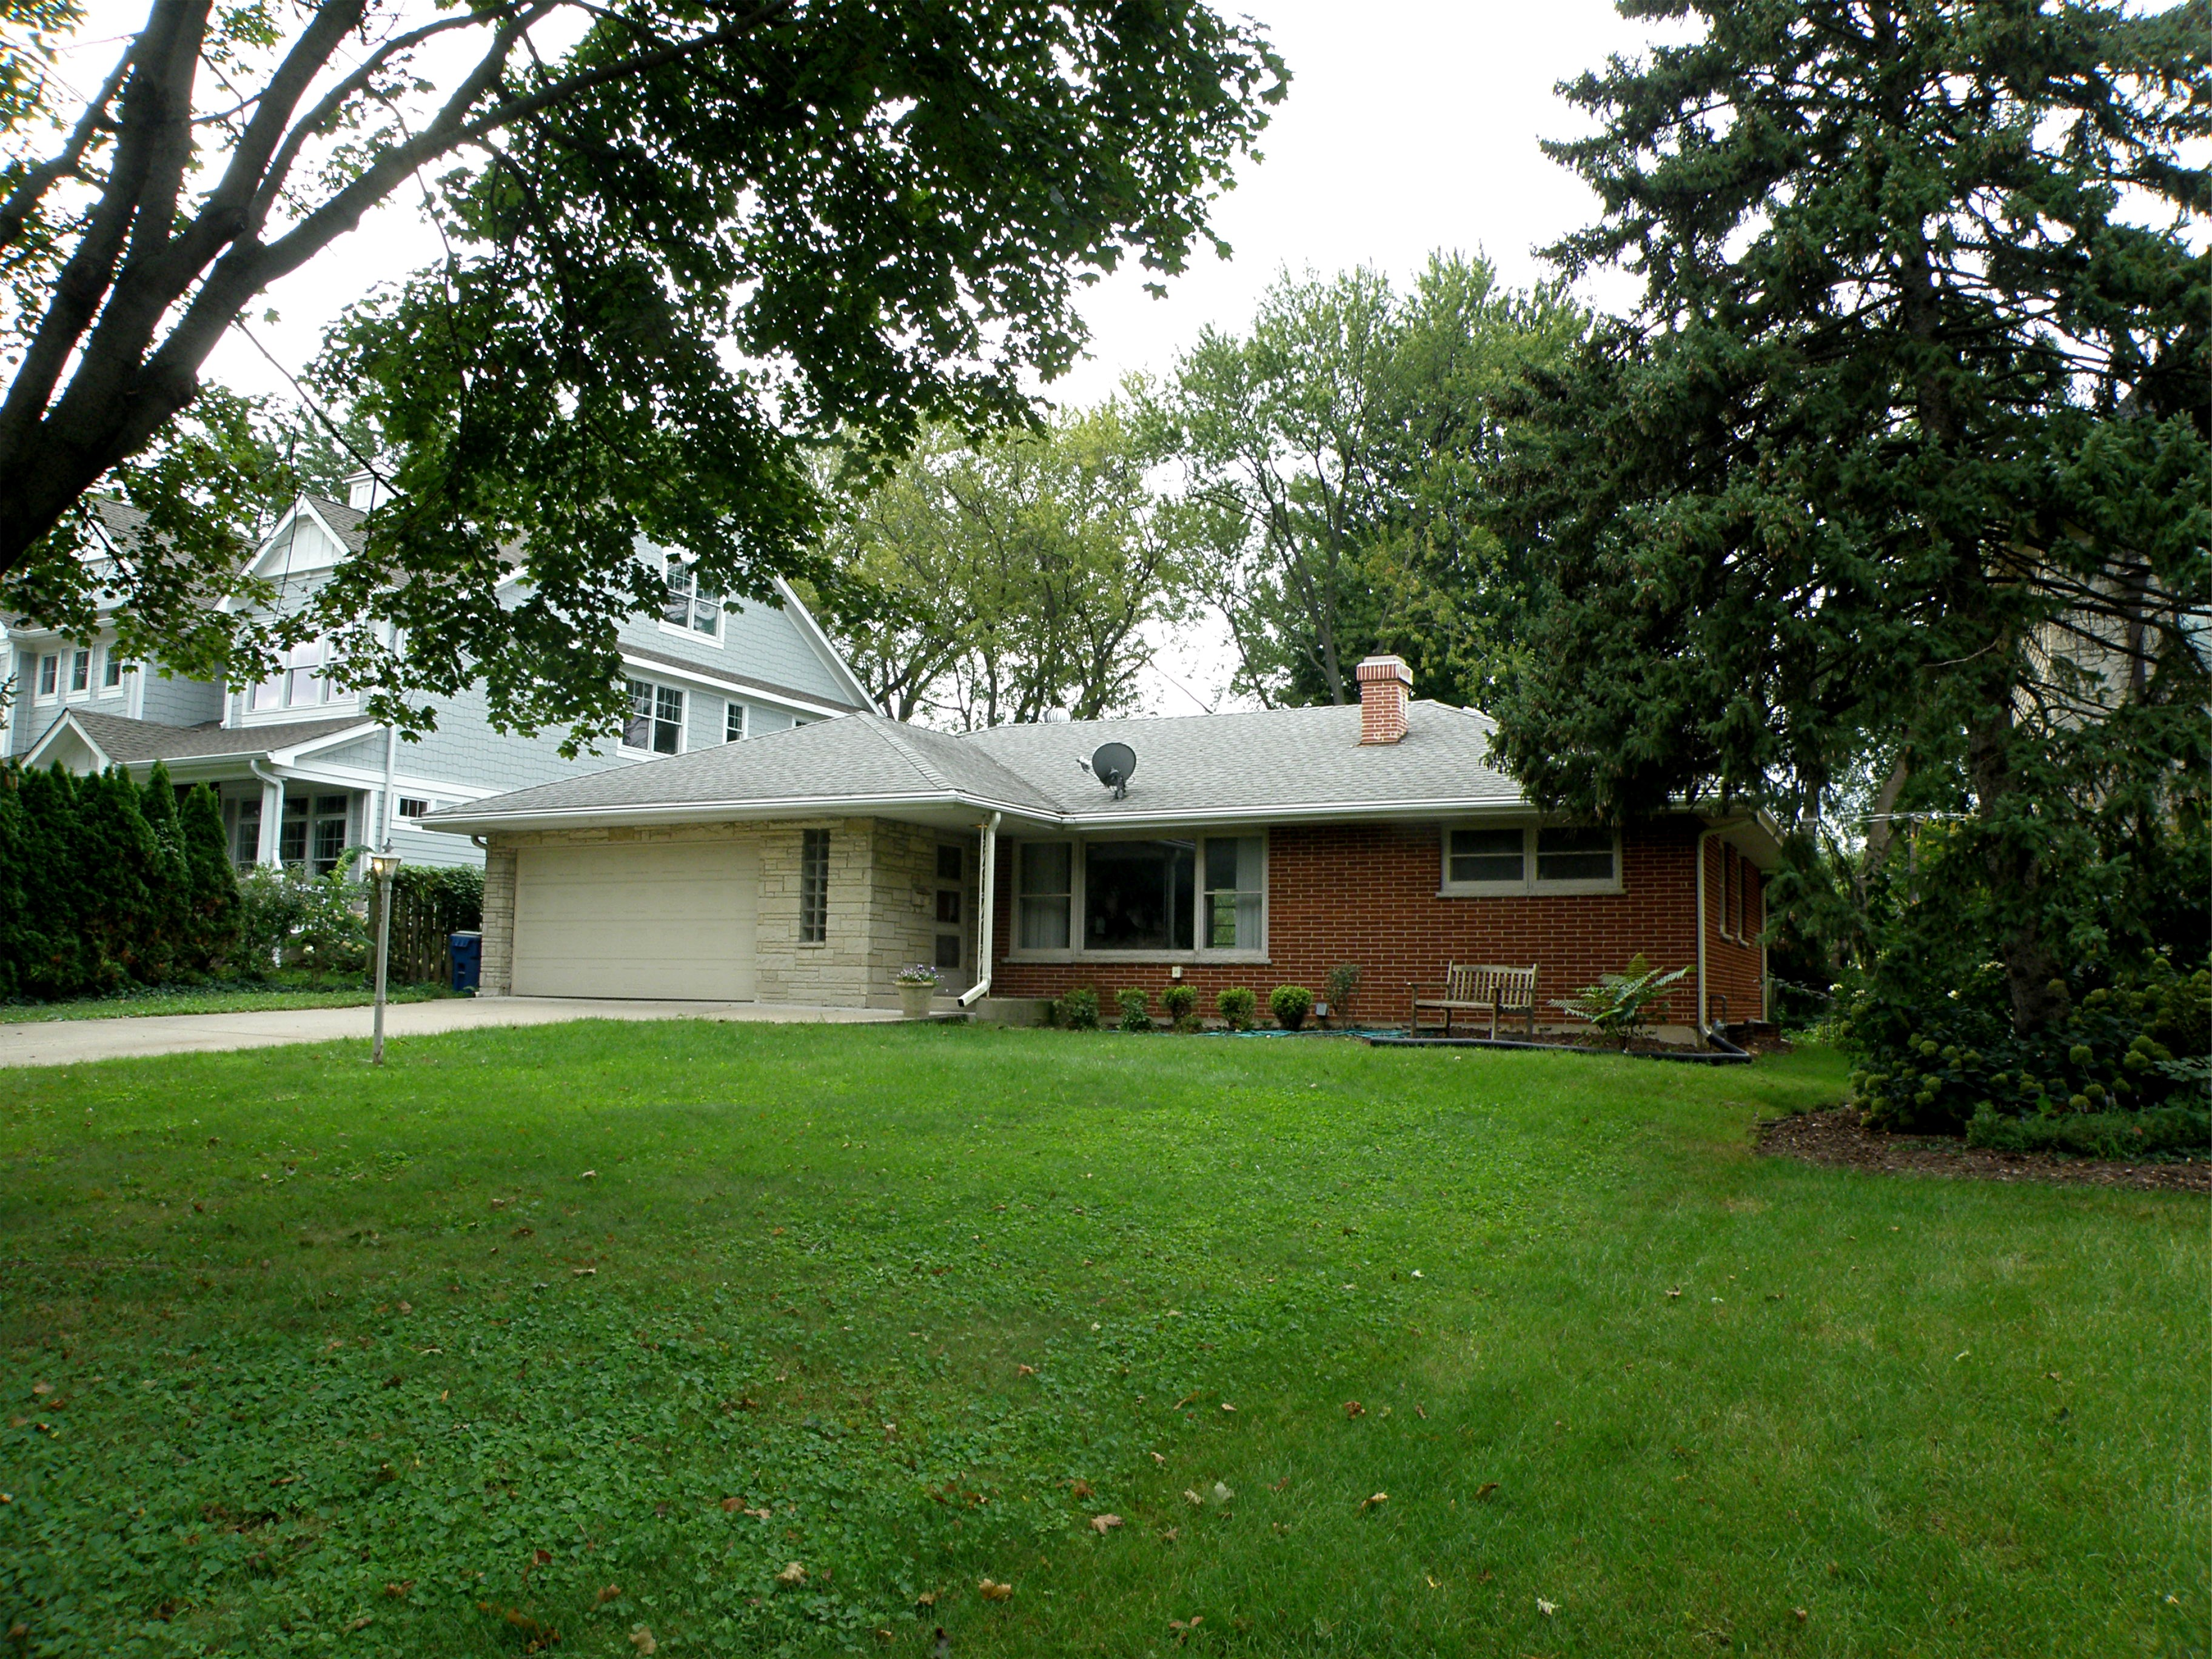 Tek Ailelik Ev için Satış at 434 N Quincy 434 N Quincy St Hinsdale, Illinois, 60521 Amerika Birleşik Devletleri